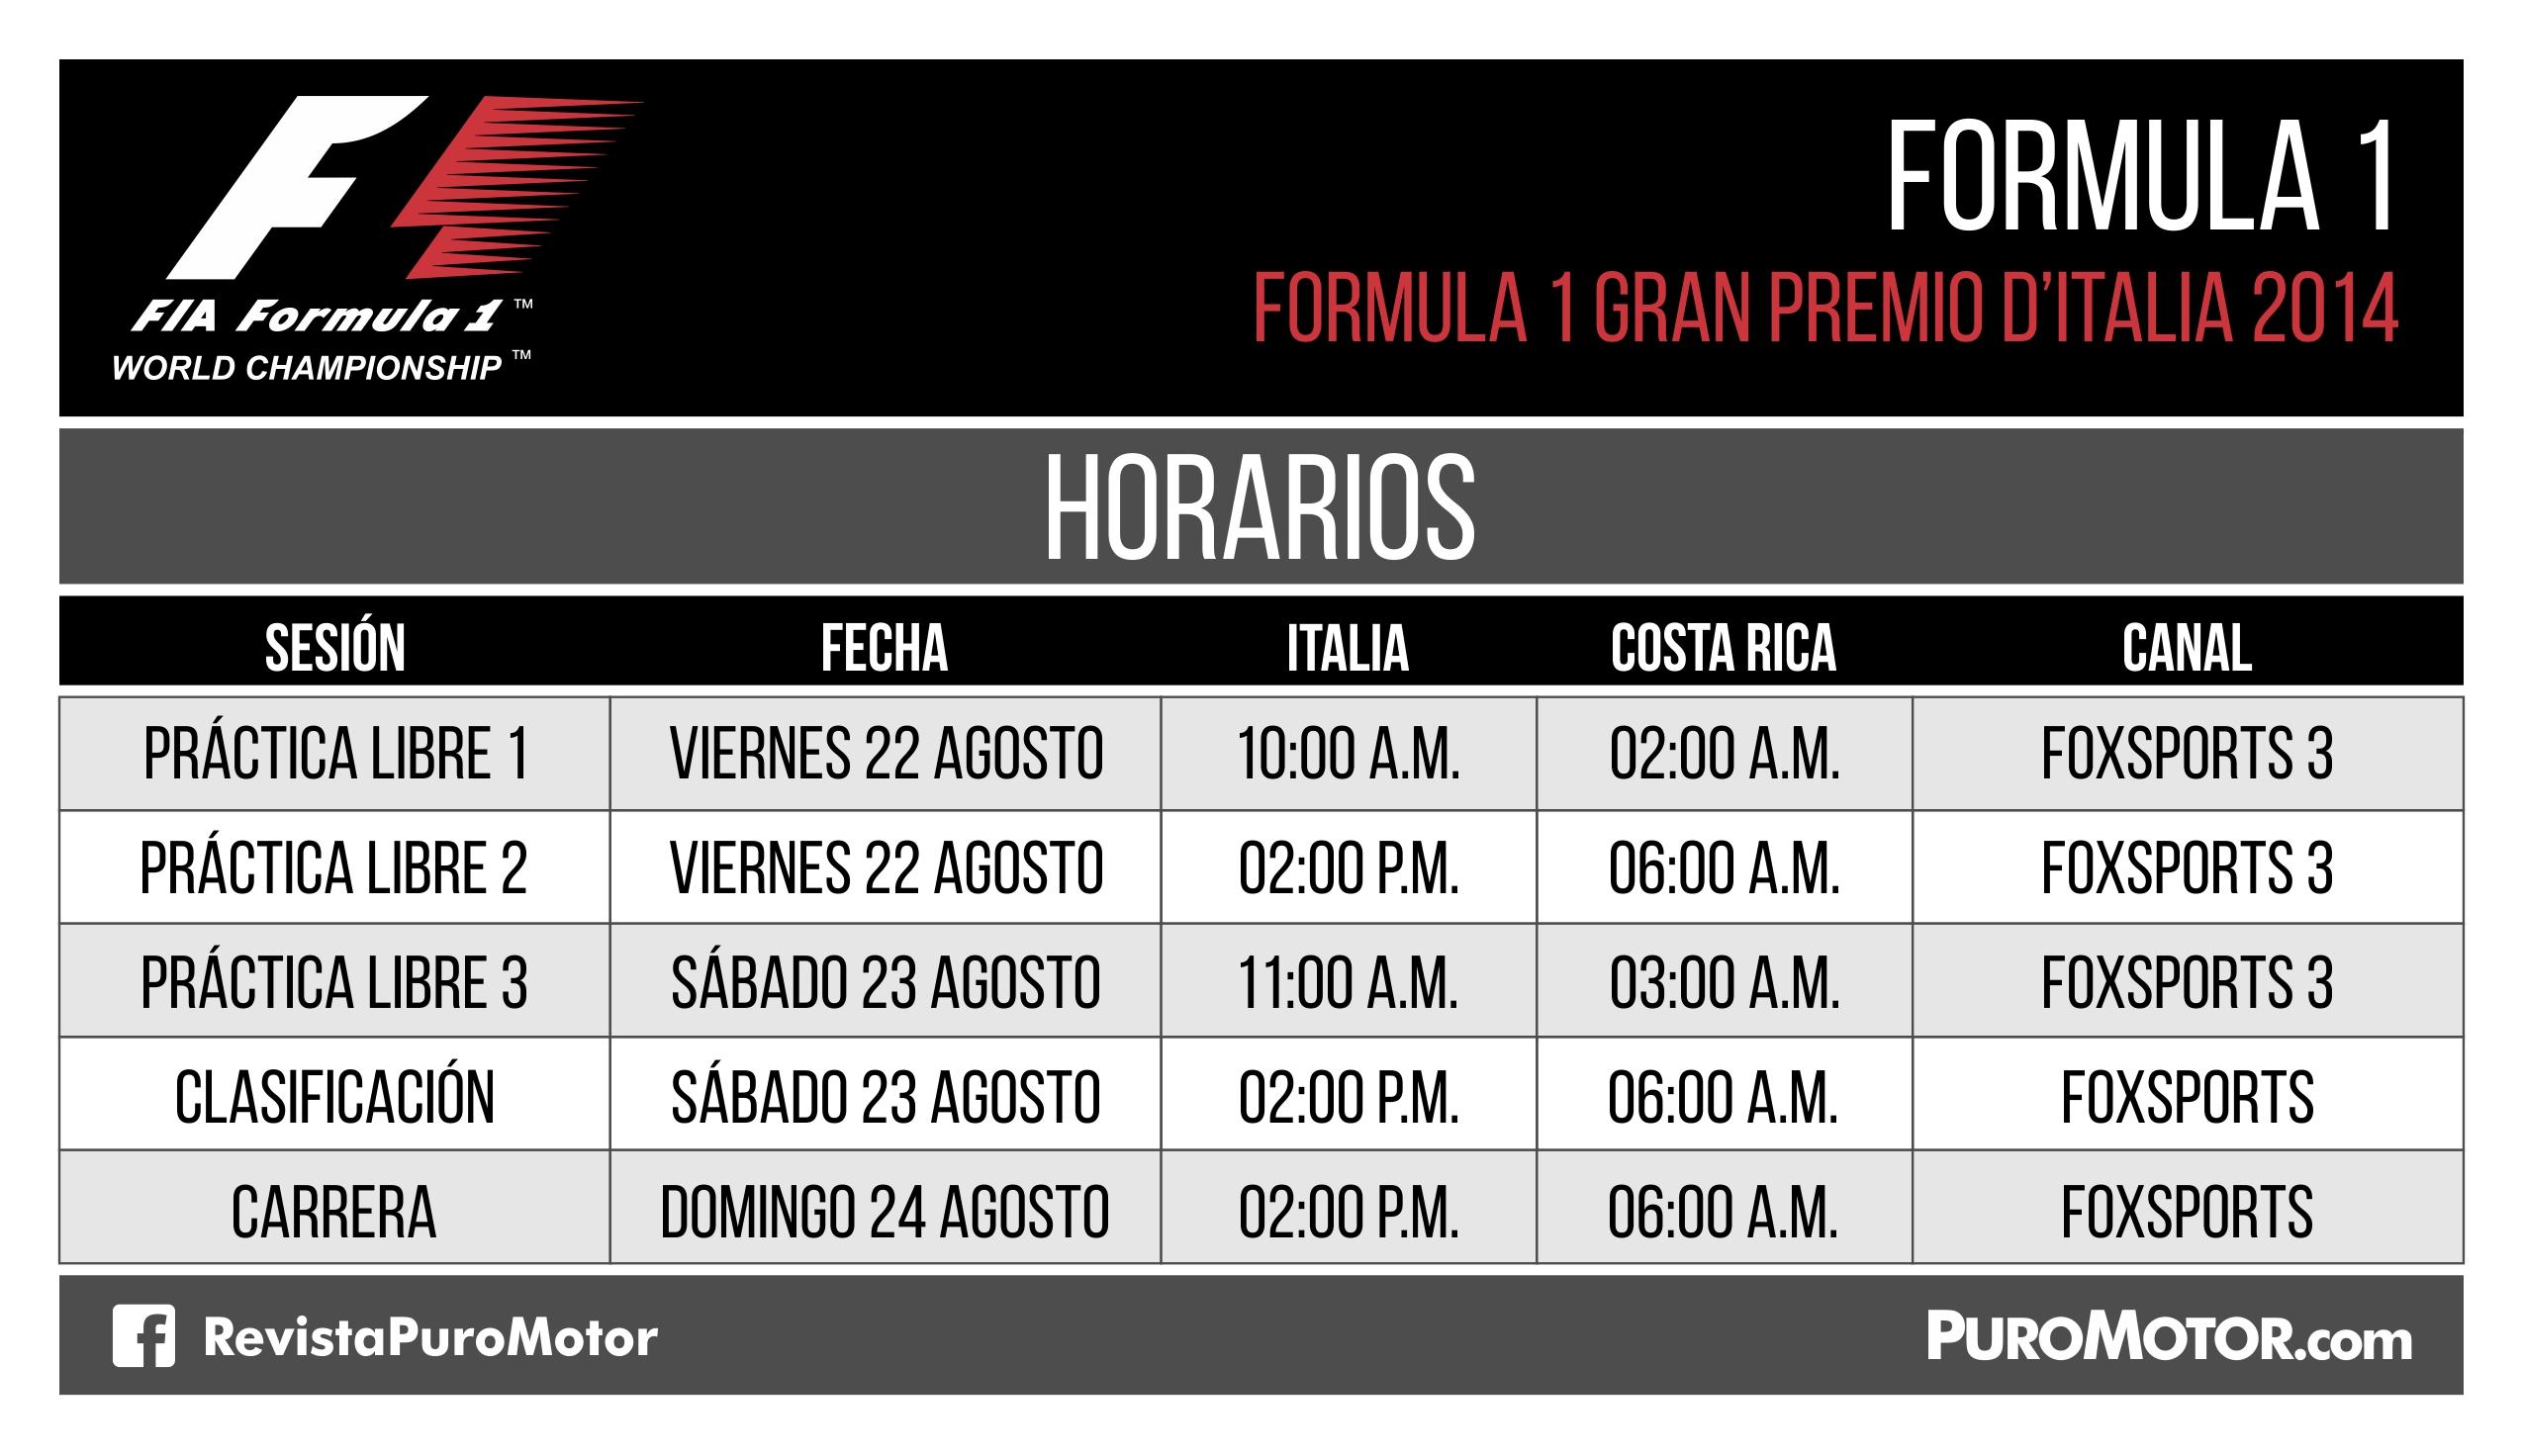 Horarios F1 Italia